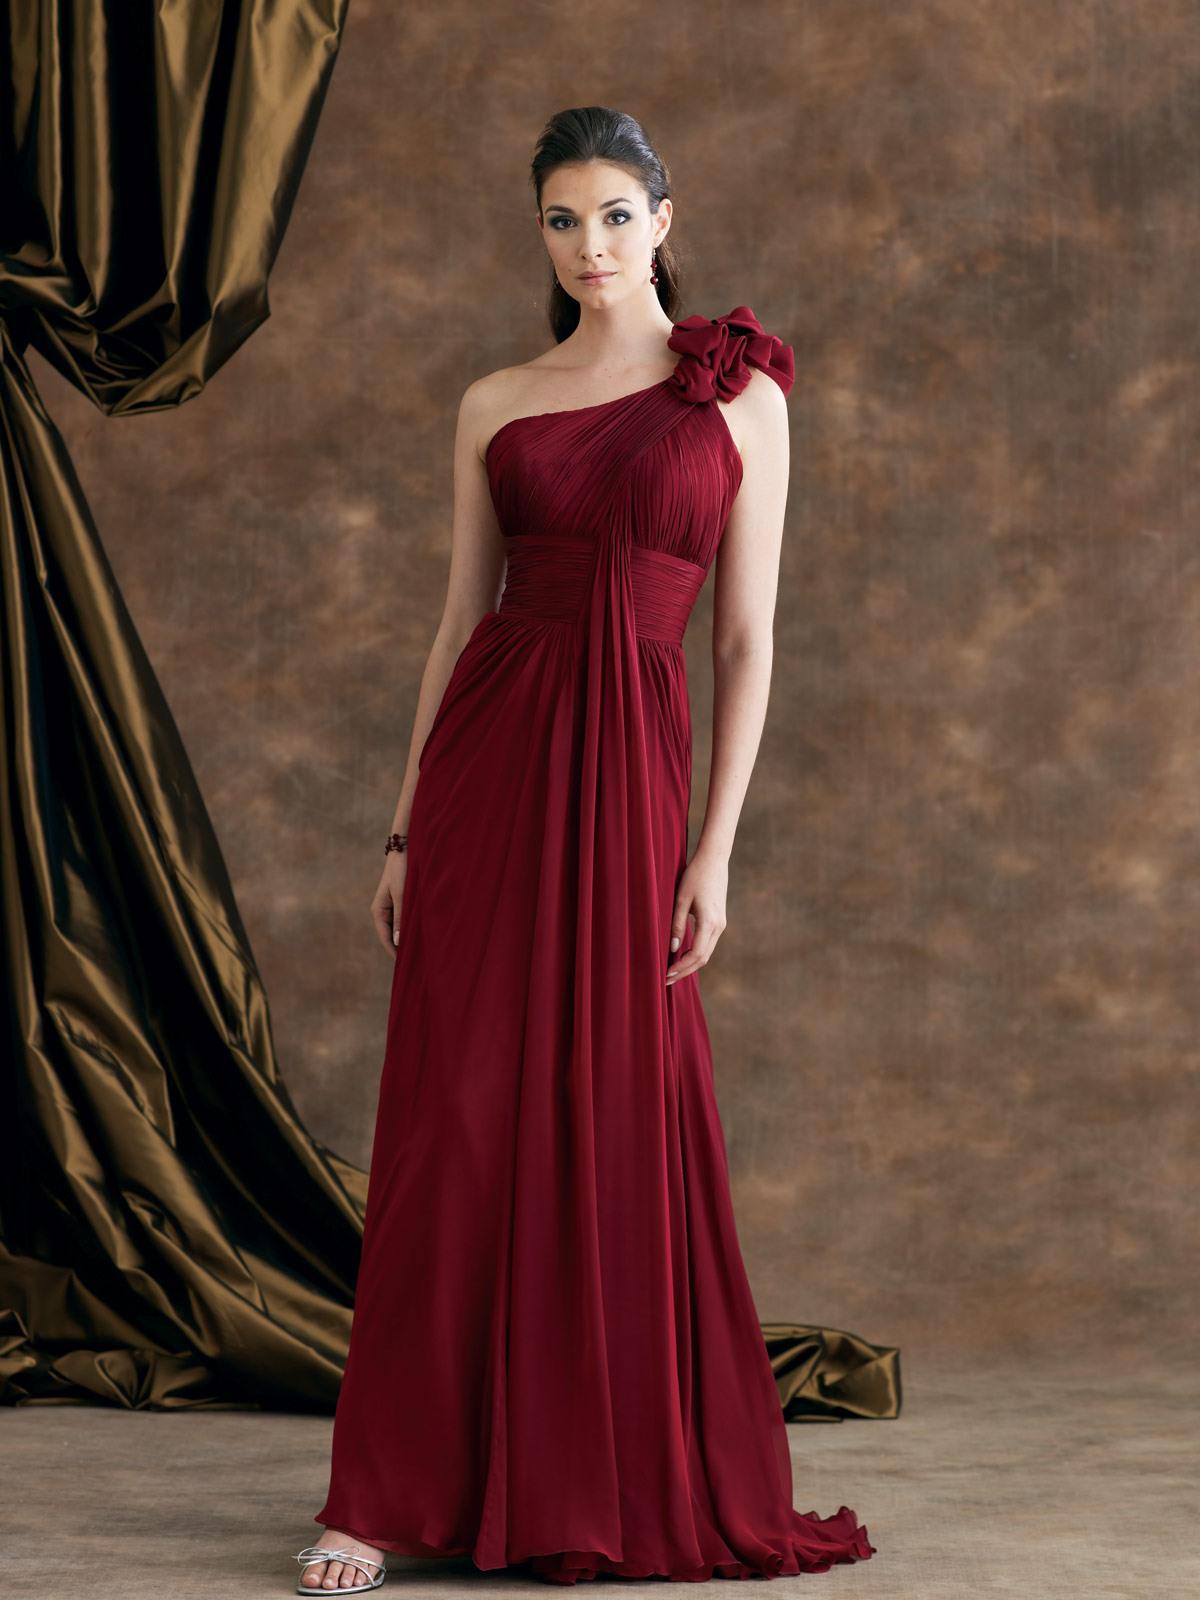 Evetichwill.de - Heiraten Auf Türkisch: Rote Abendkleider